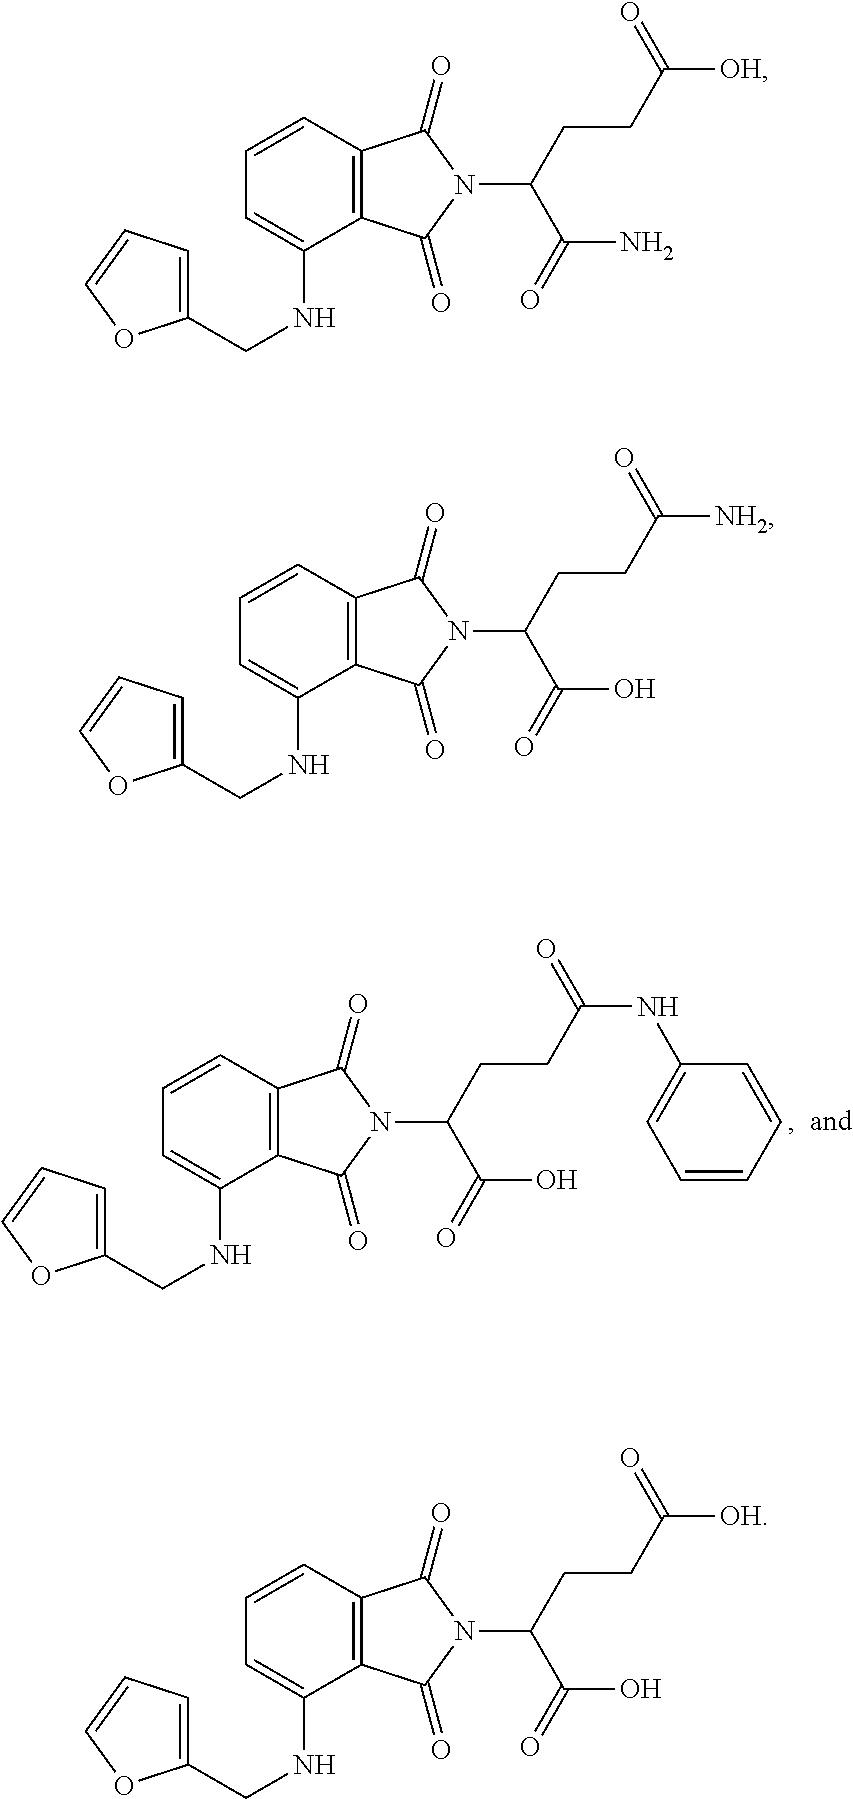 Figure US09763983-20170919-C00023